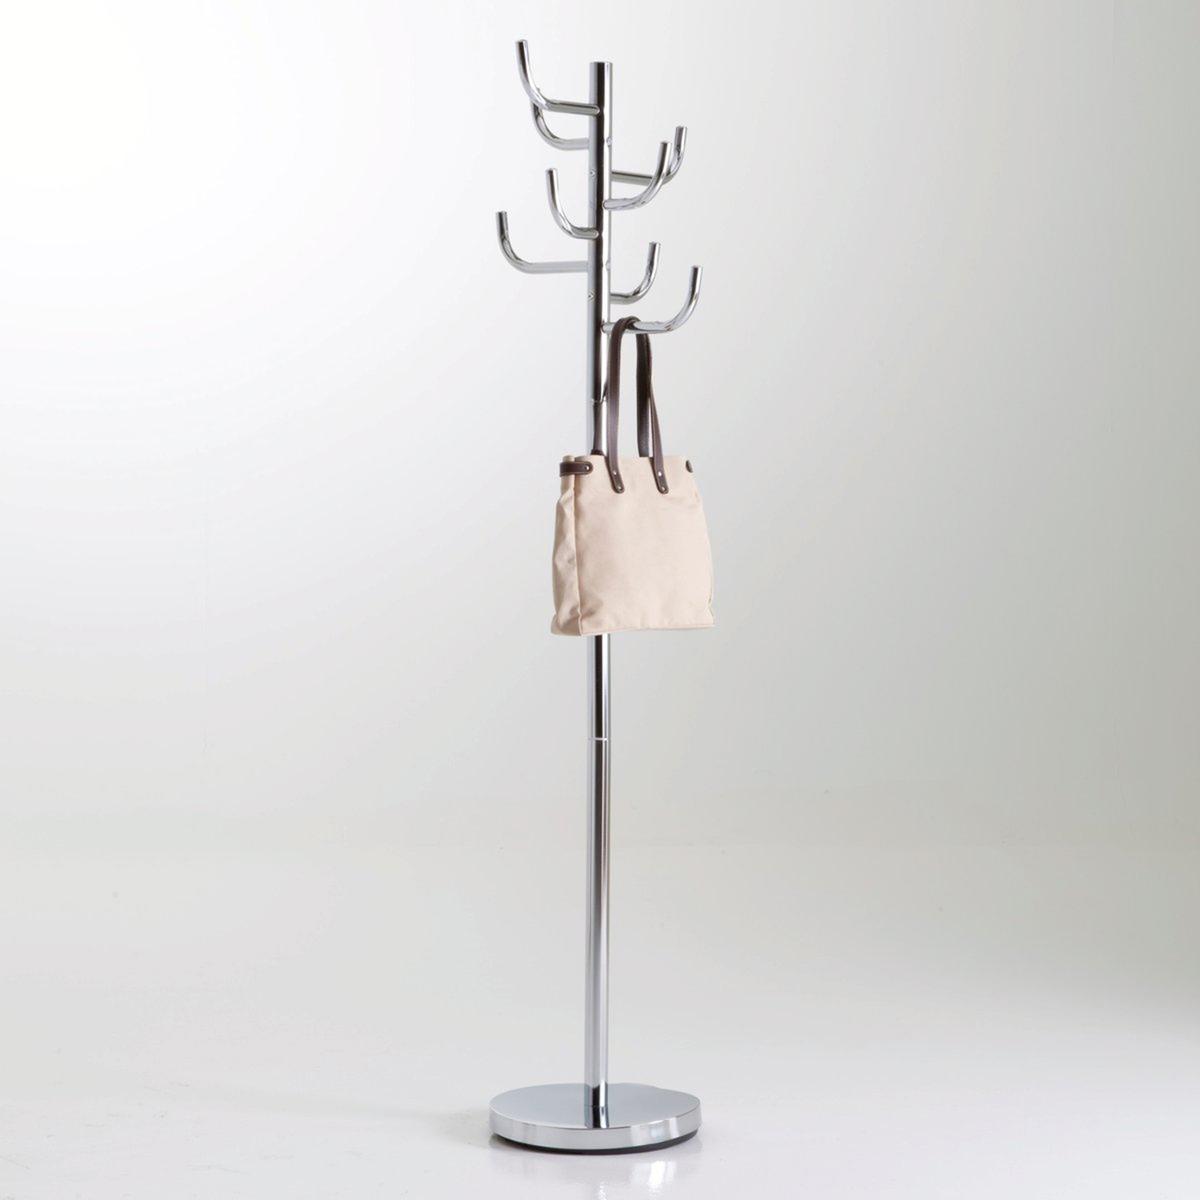 цена Вешалка La Redoute Из хромированного металла в форме кактуса единый размер серый онлайн в 2017 году